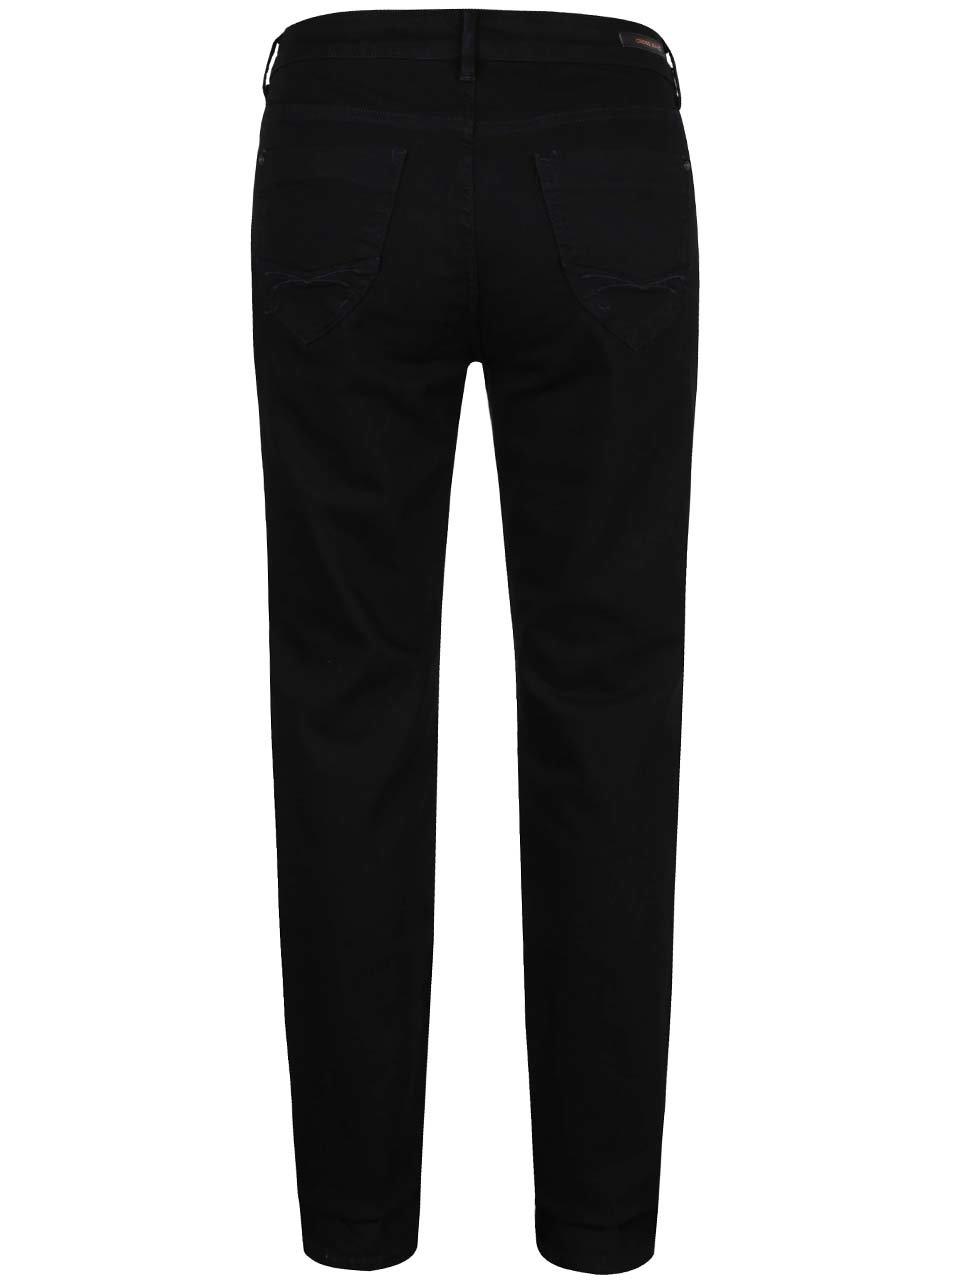 Černé dámské džíny Cross Jeans Rose ... 3a41ad937d